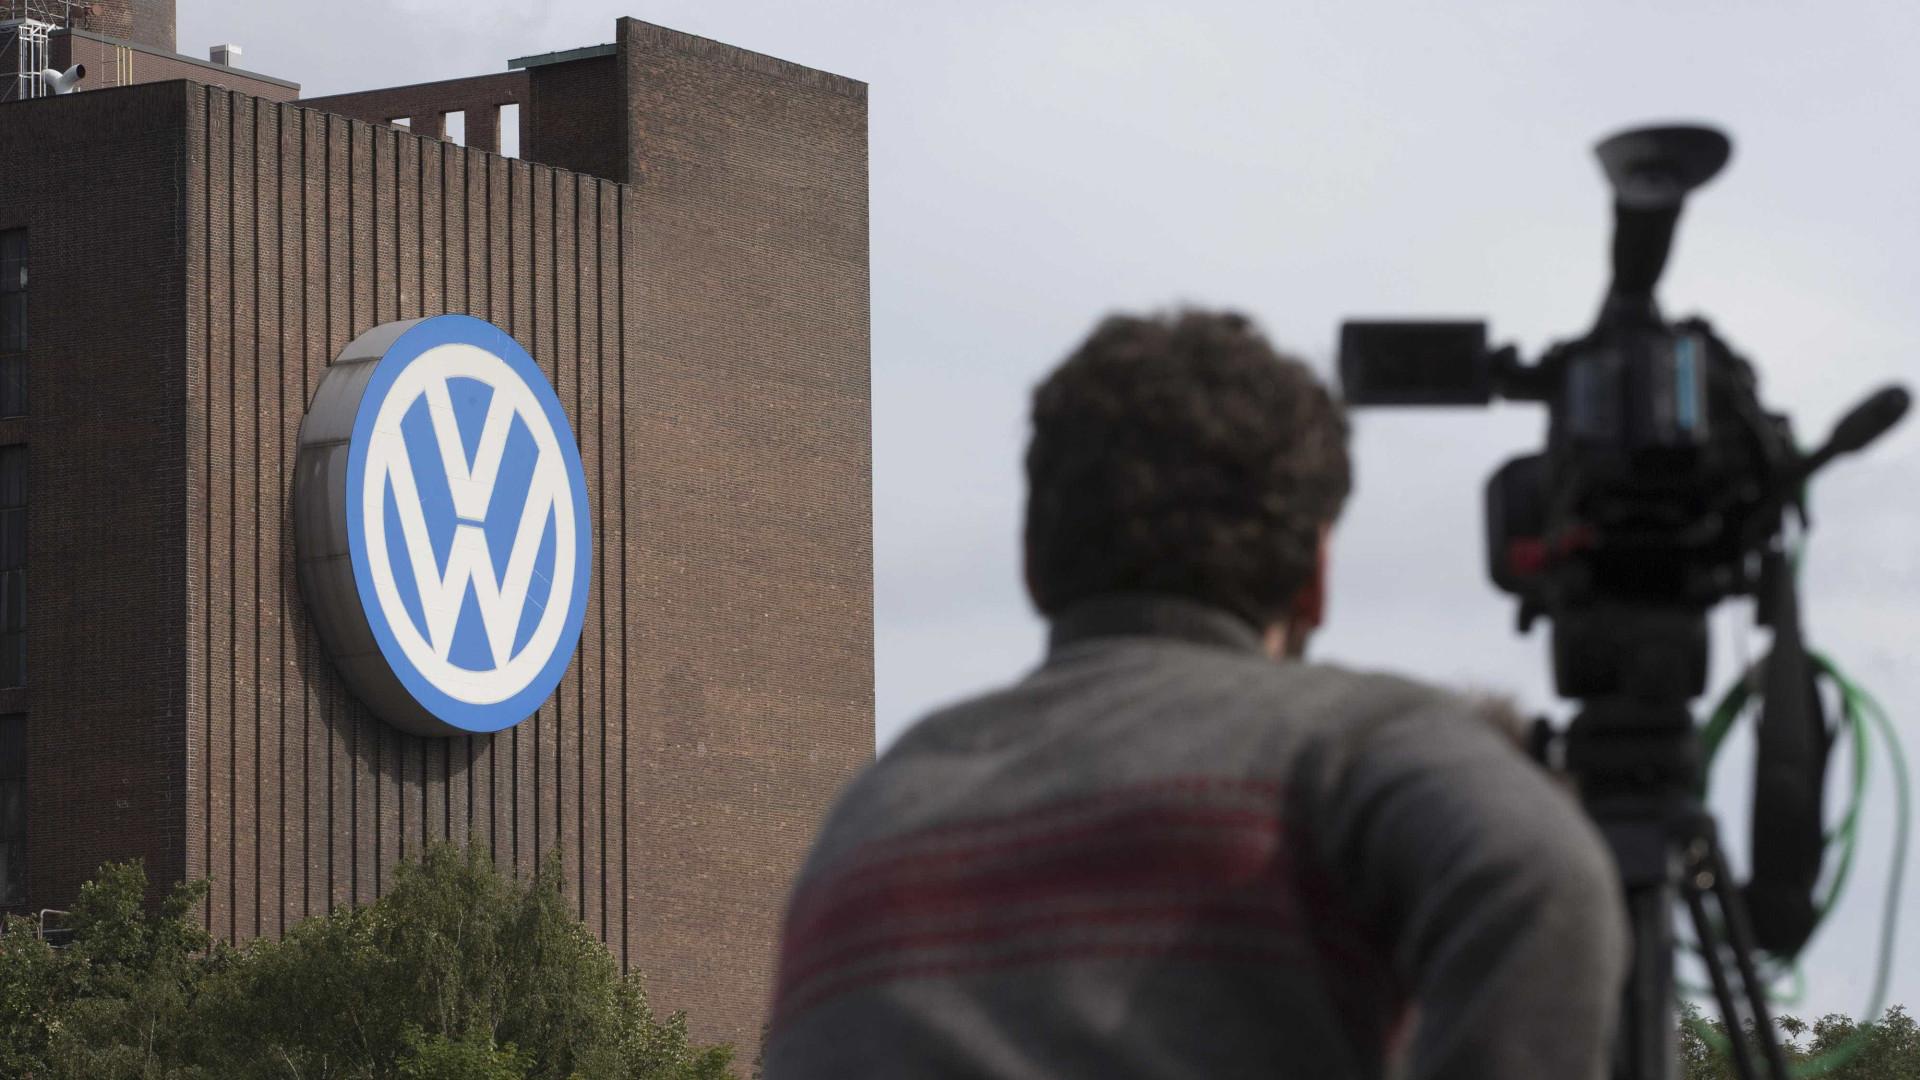 Emissões: VW declara-se culpada de conspiração e obstrução à Justiça